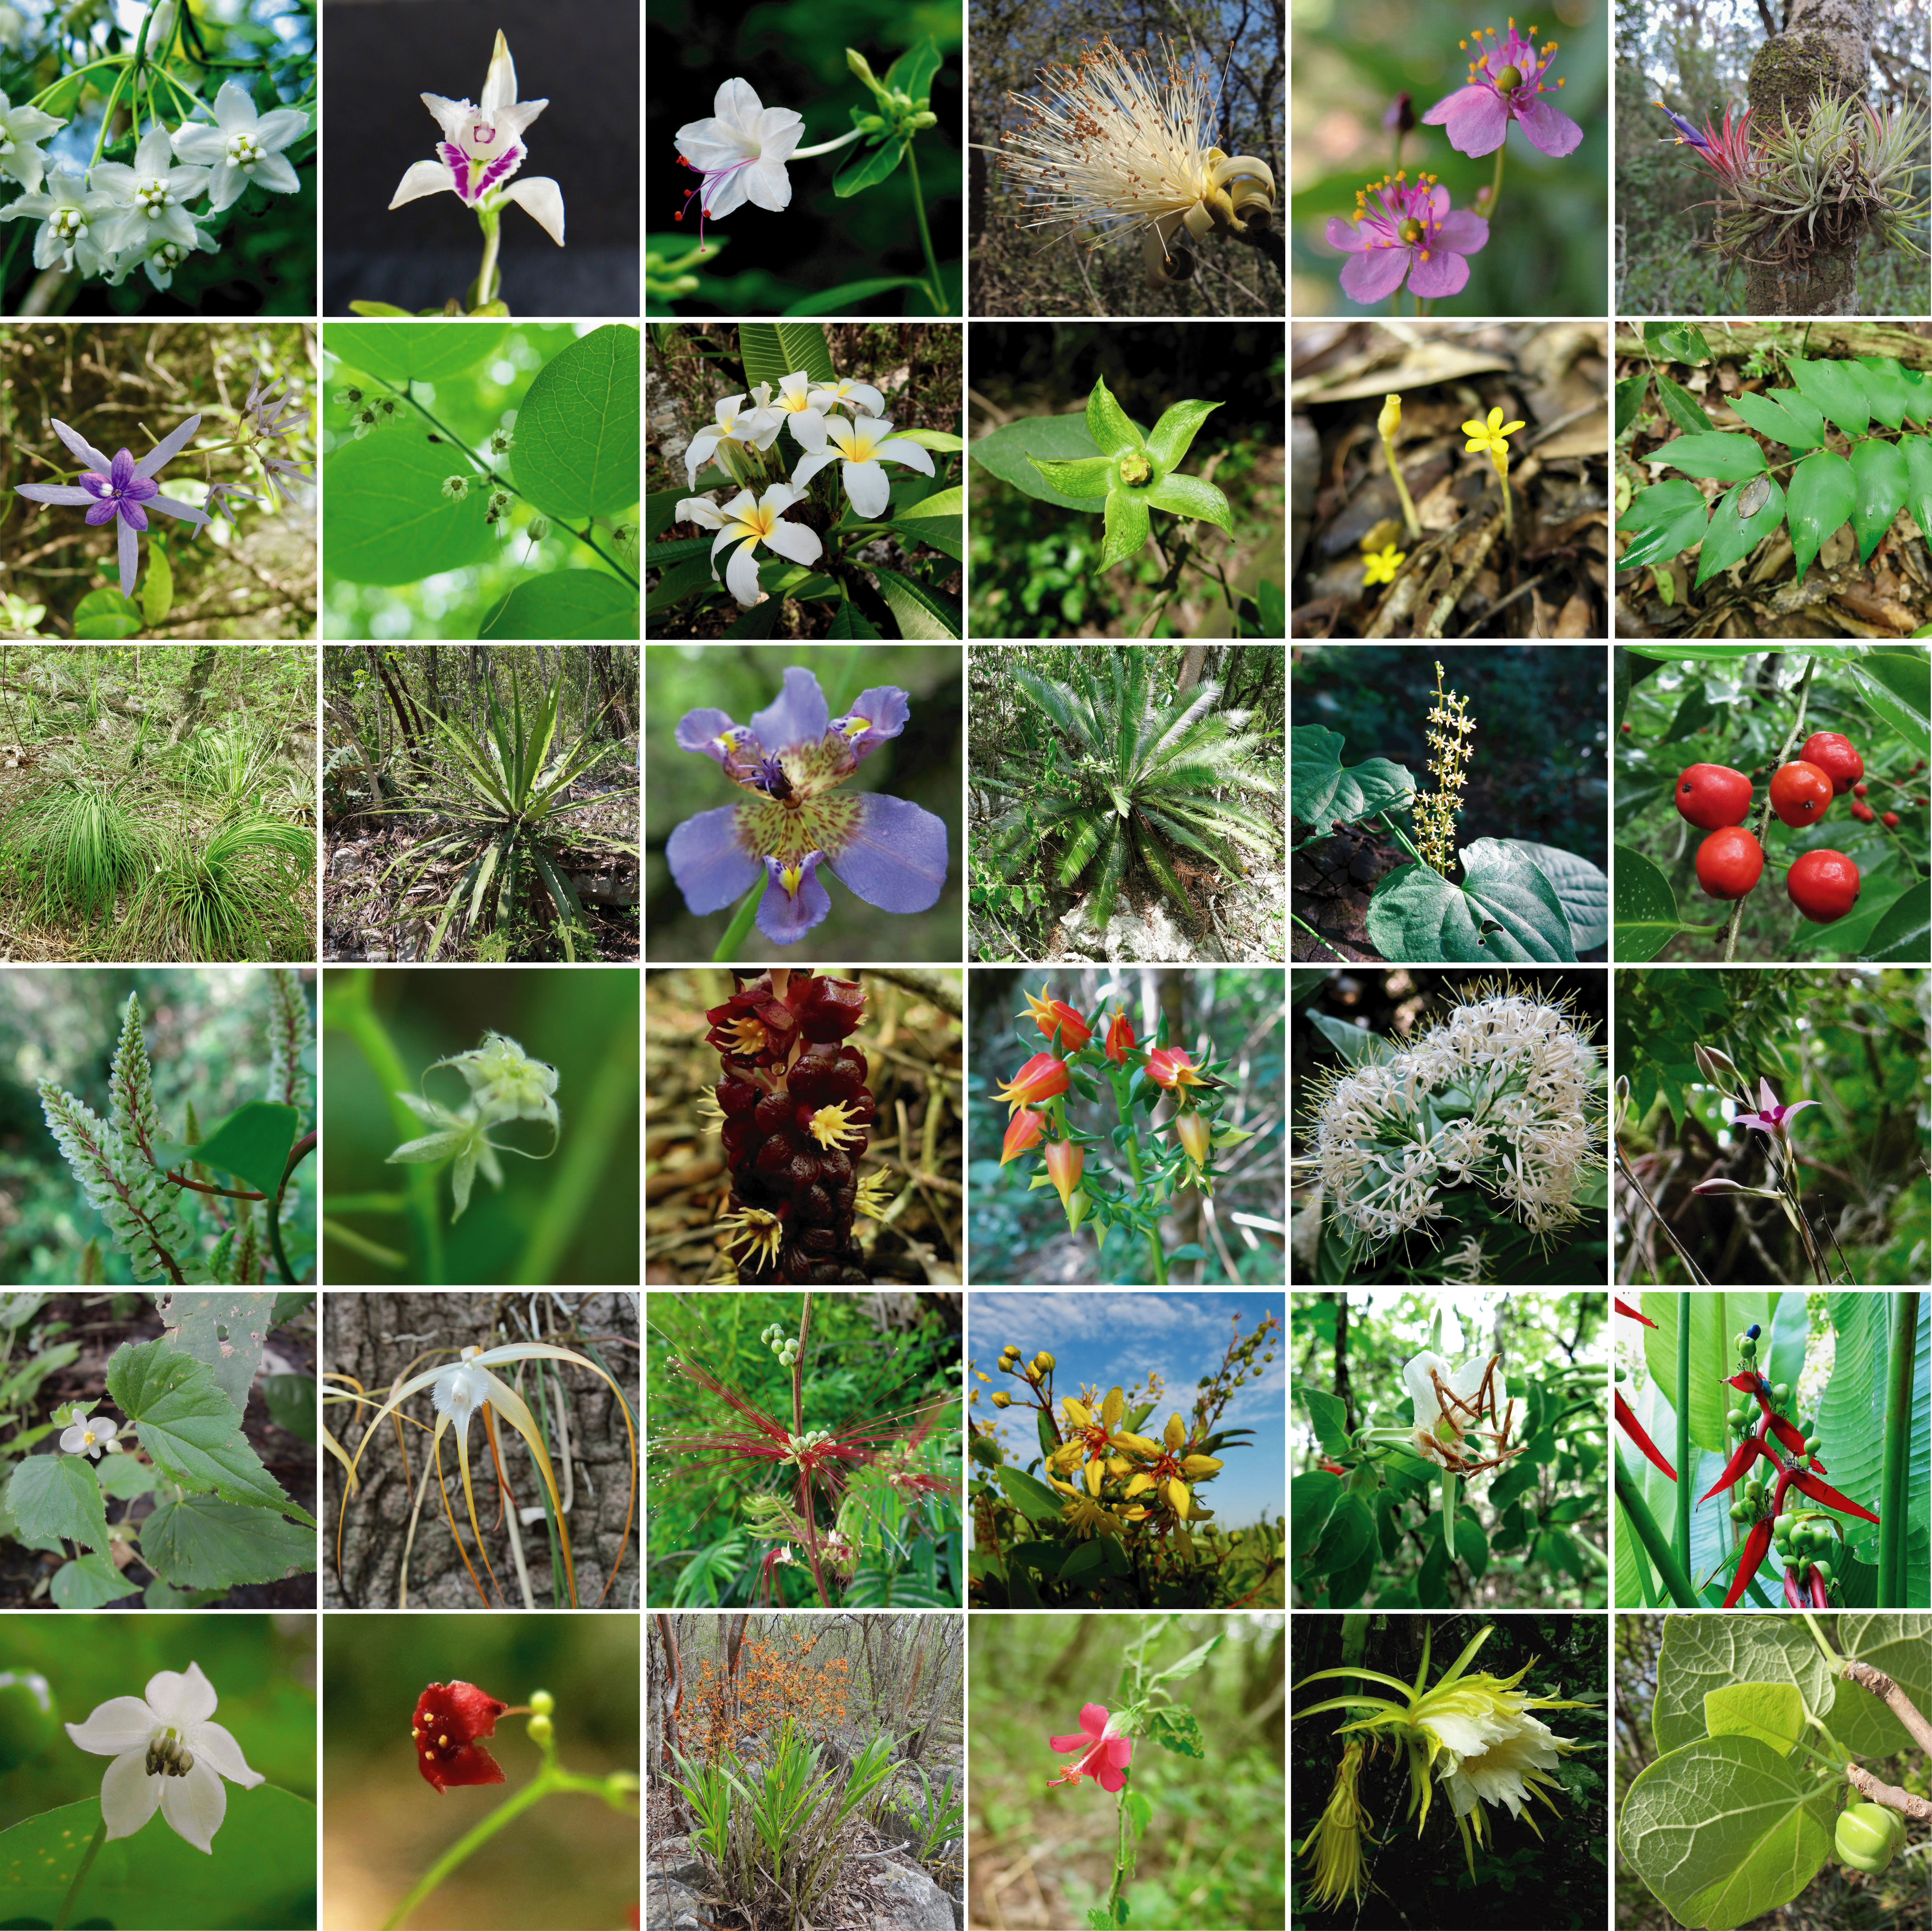 Algunas especies vegetales de la Reserva dela Biosfera Sierra del Abra Tanchipa